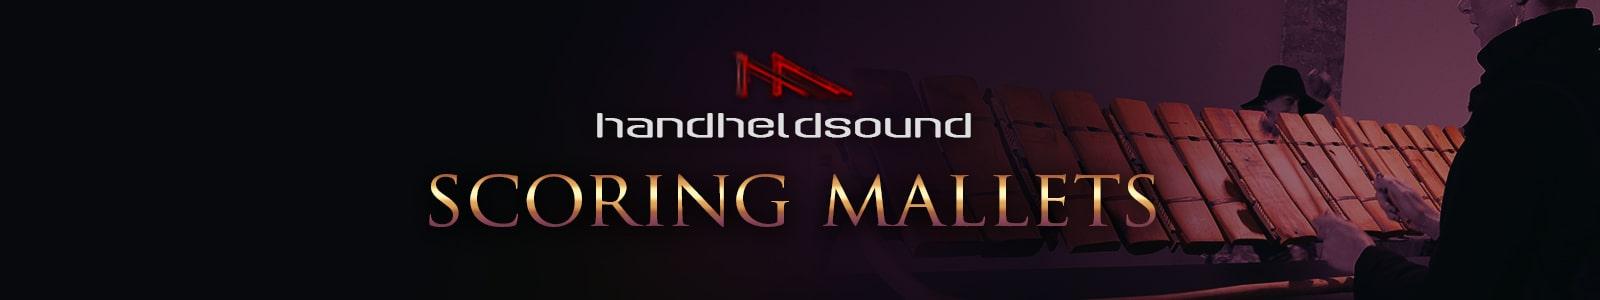 scoring mallets by handheldsound